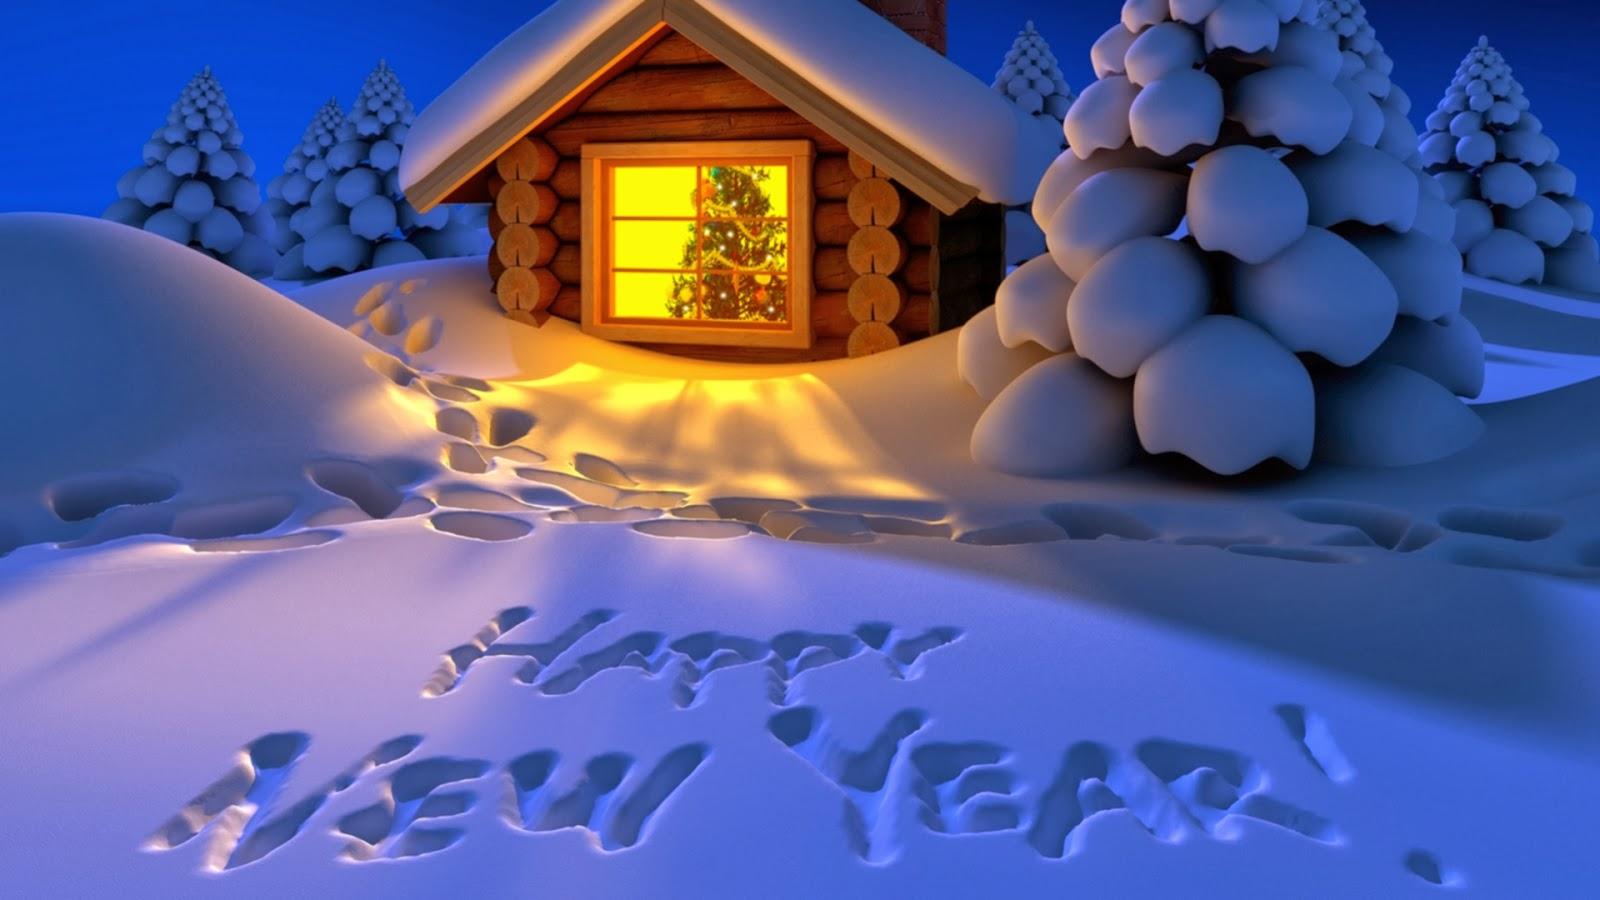 Thiệp chúc tết 2014 đẹp và ý nghĩa nhất cho xuân giáp ngọ